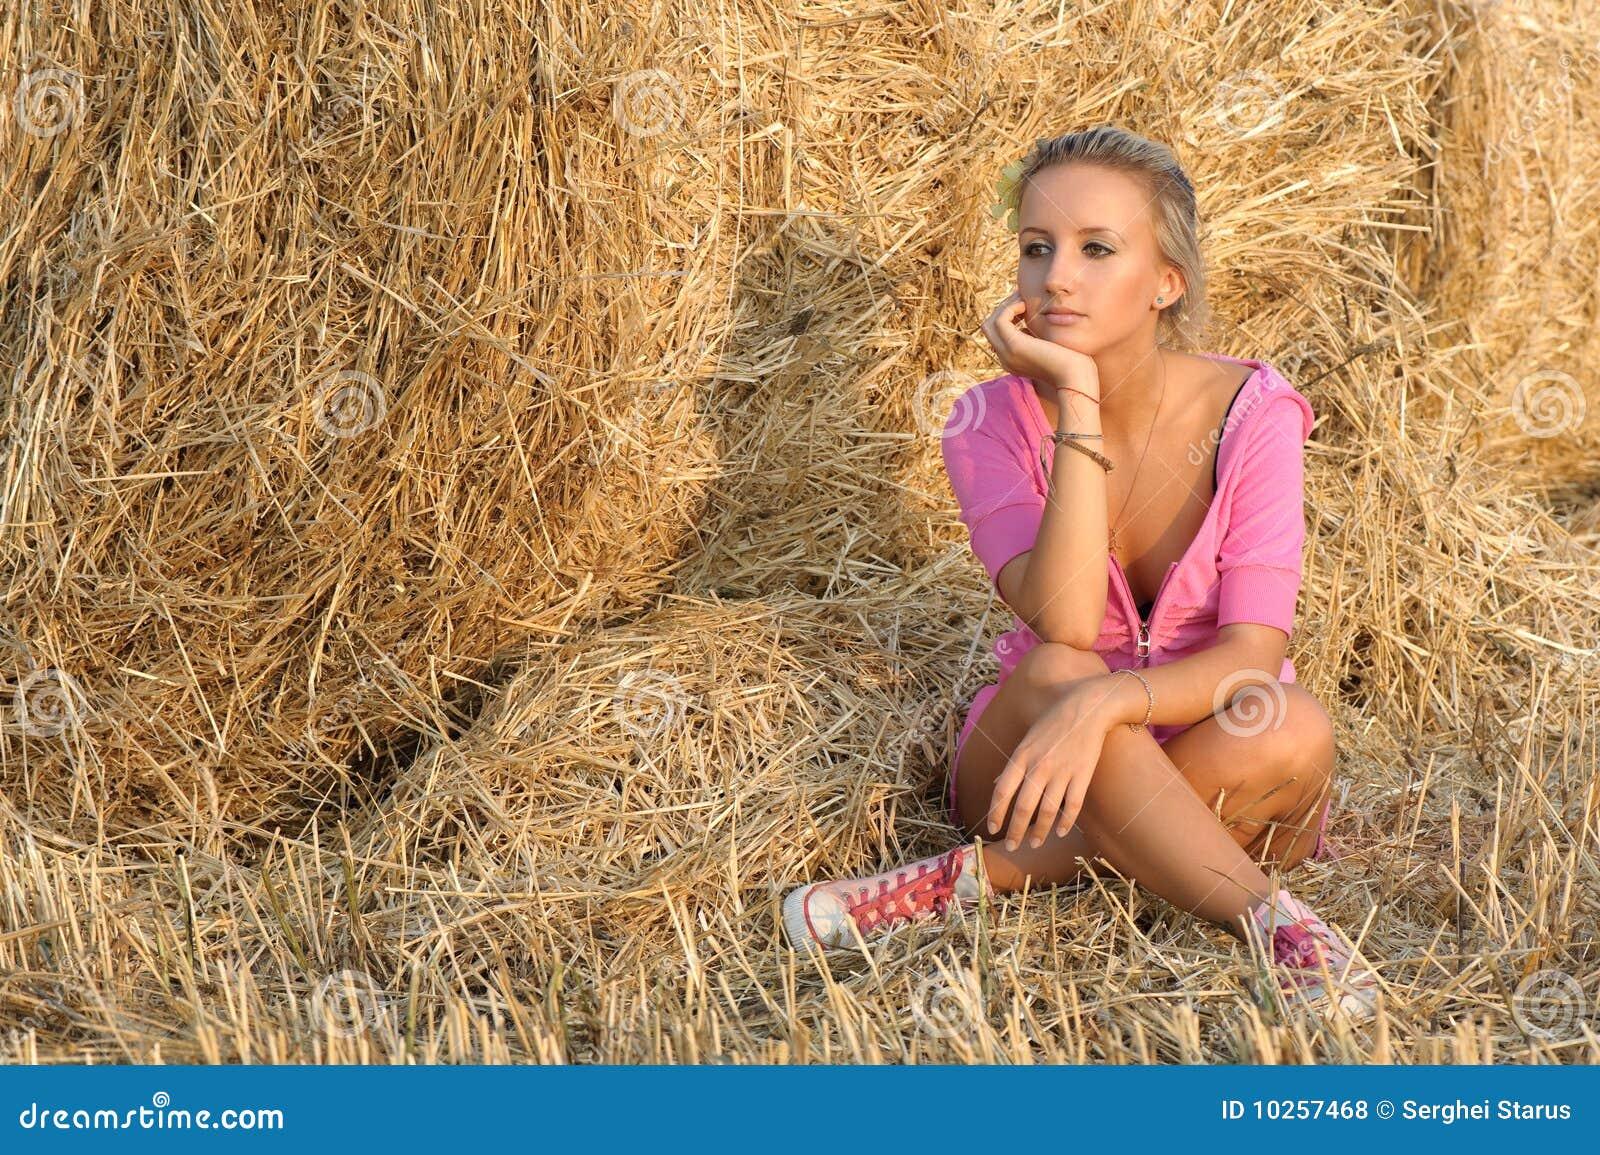 Фото русских девушек на сене